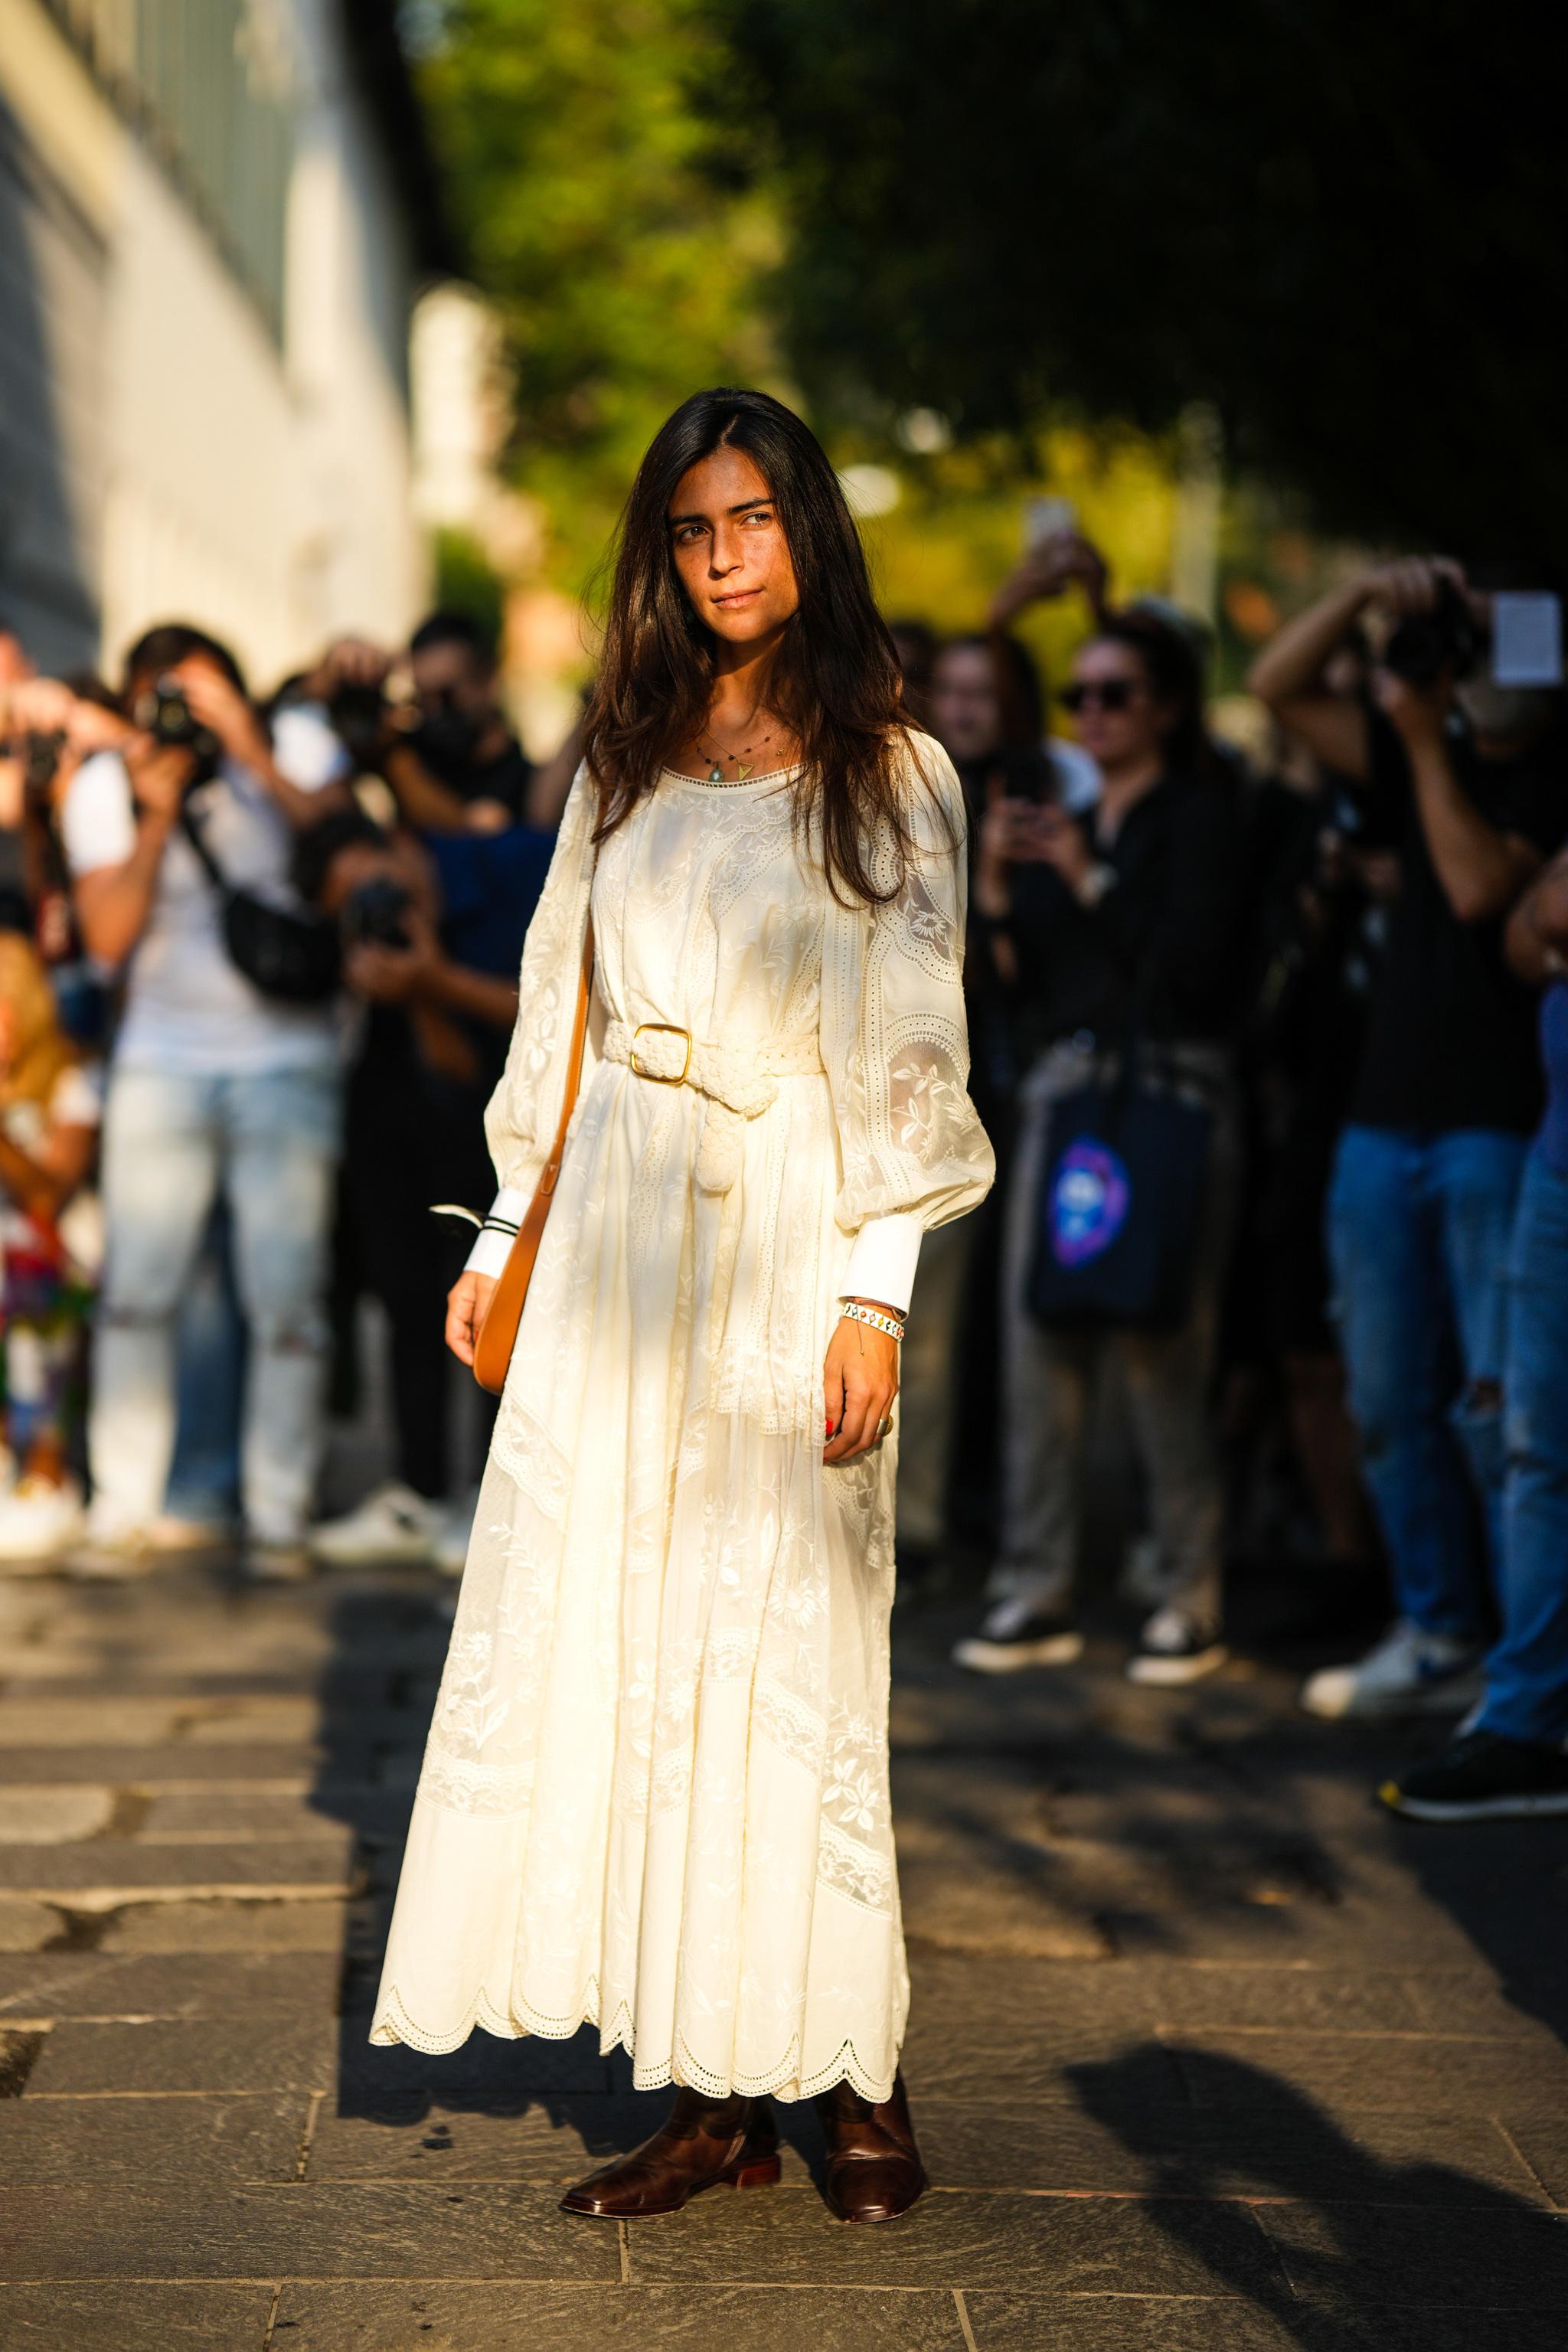 Un vestido blanco es una opción impecable.